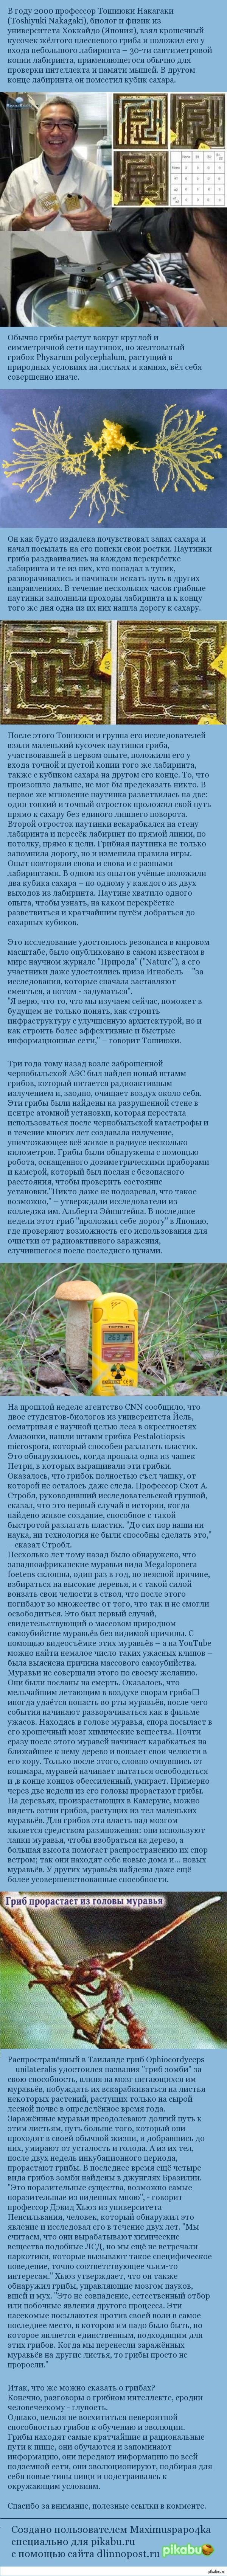 Разум грибов Примитивный, но удивительный